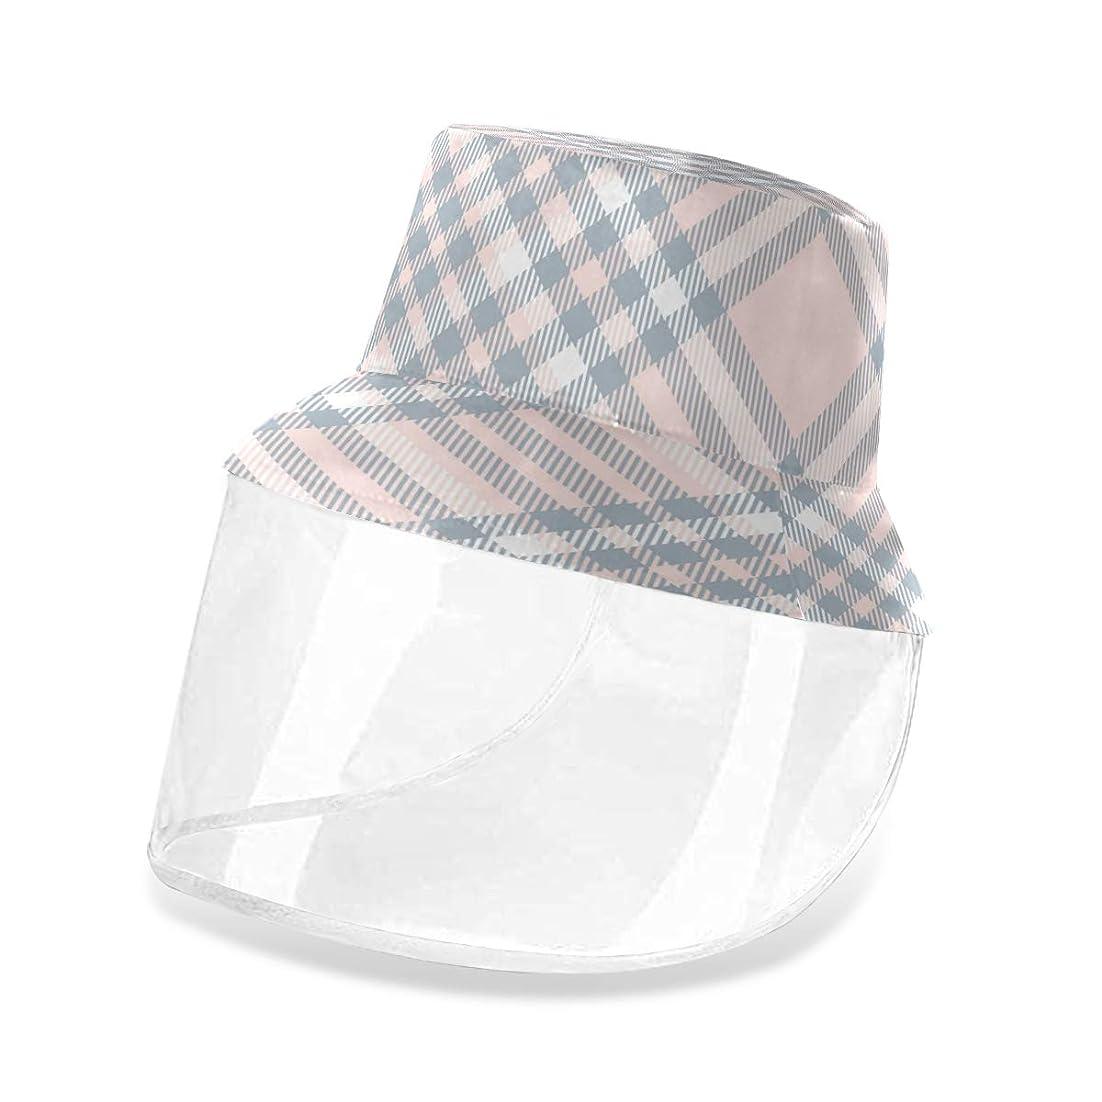 ワックス解任不忠GORIRA サンバイザー 漁師帽 ハット チェック柄 シンプル uvカット 紫外線対策 花粉症対策 防風 防塵 汚染対策 顔全体保護 取り外し可能 アウトドア 男女兼用